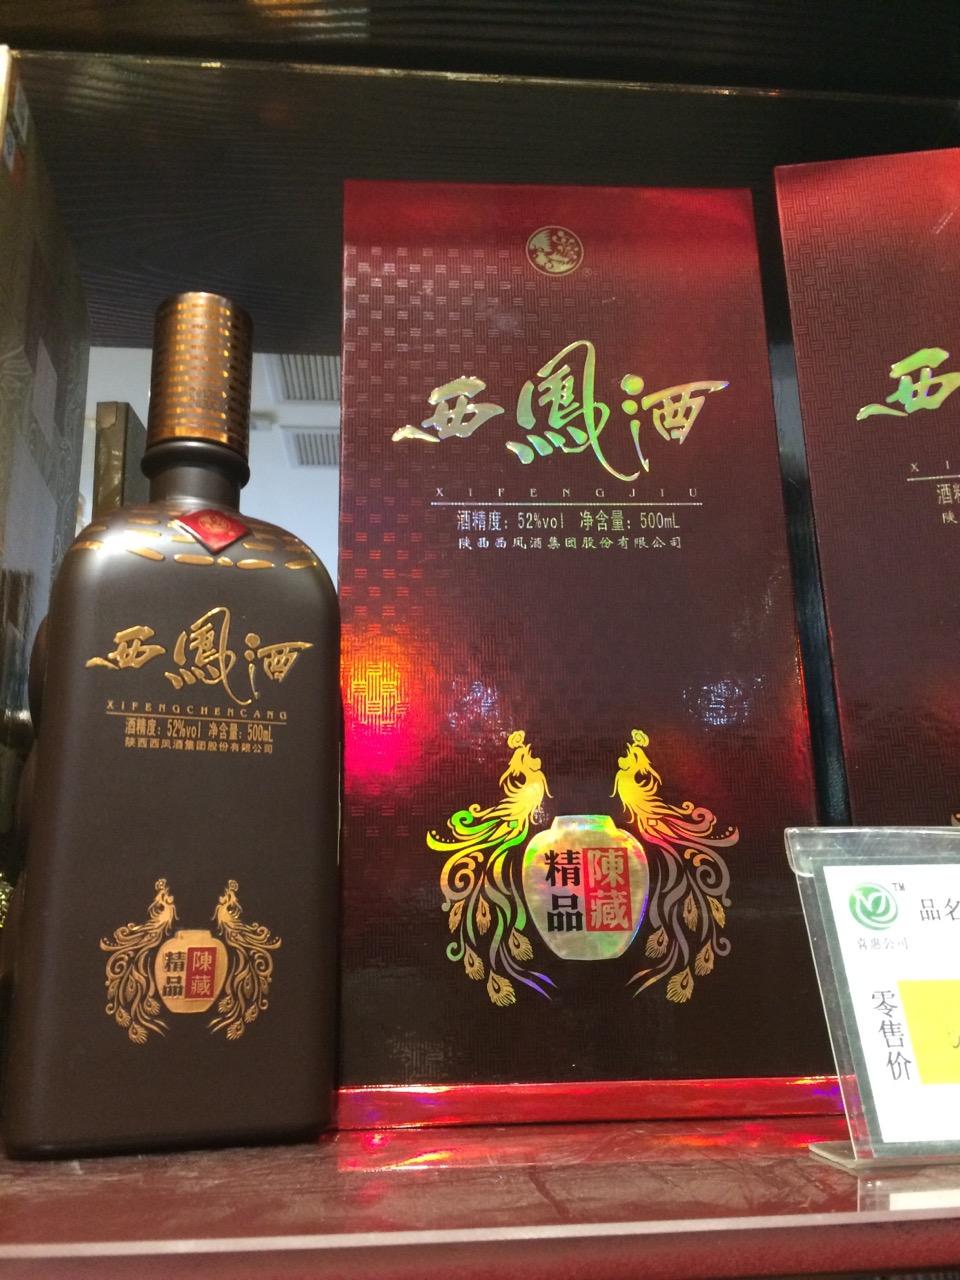 十堰西鳳2013老酒52